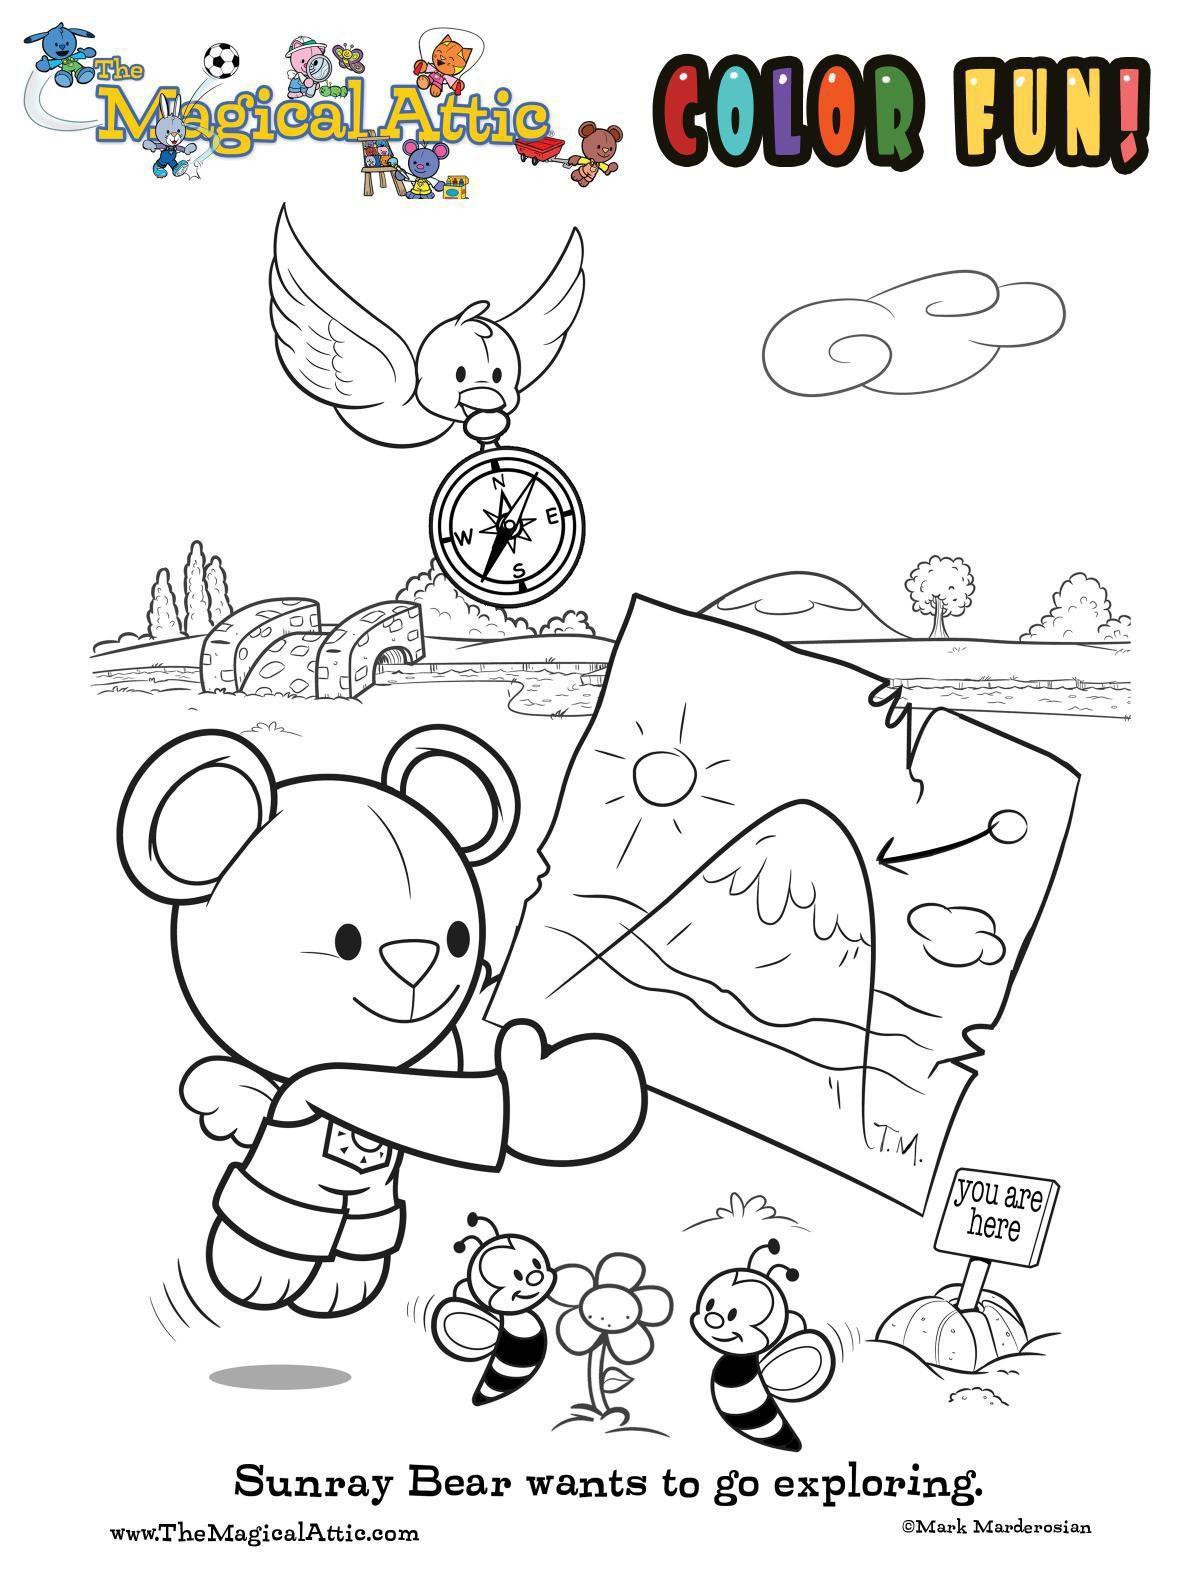 Coloring fun with Sunrar Bear